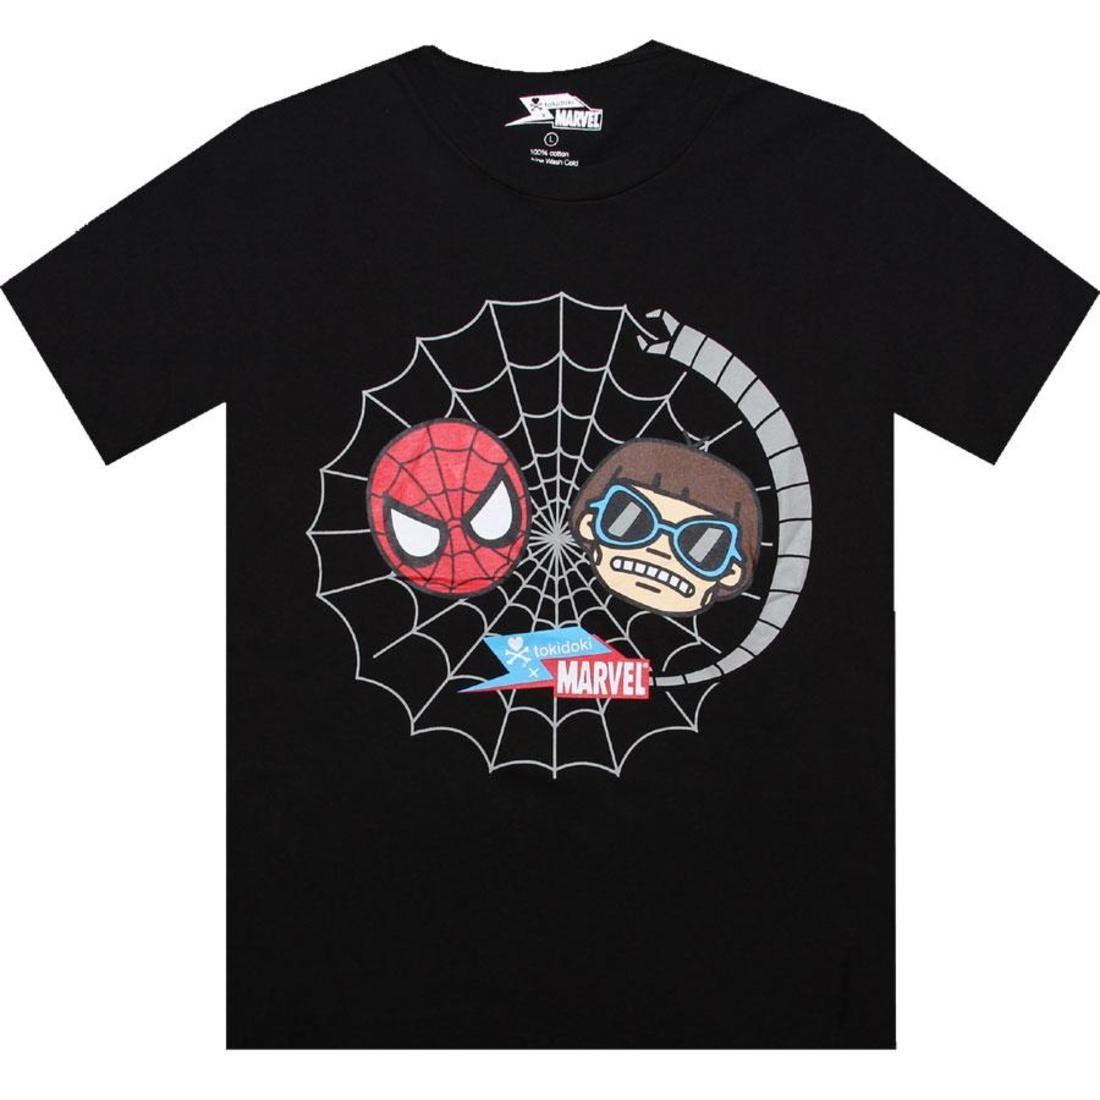 Tシャツ 黒 ブラック 【 BLACK TOKIDOKI X MARVEL FOES TEE 】 メンズファッション トップス Tシャツ カットソー